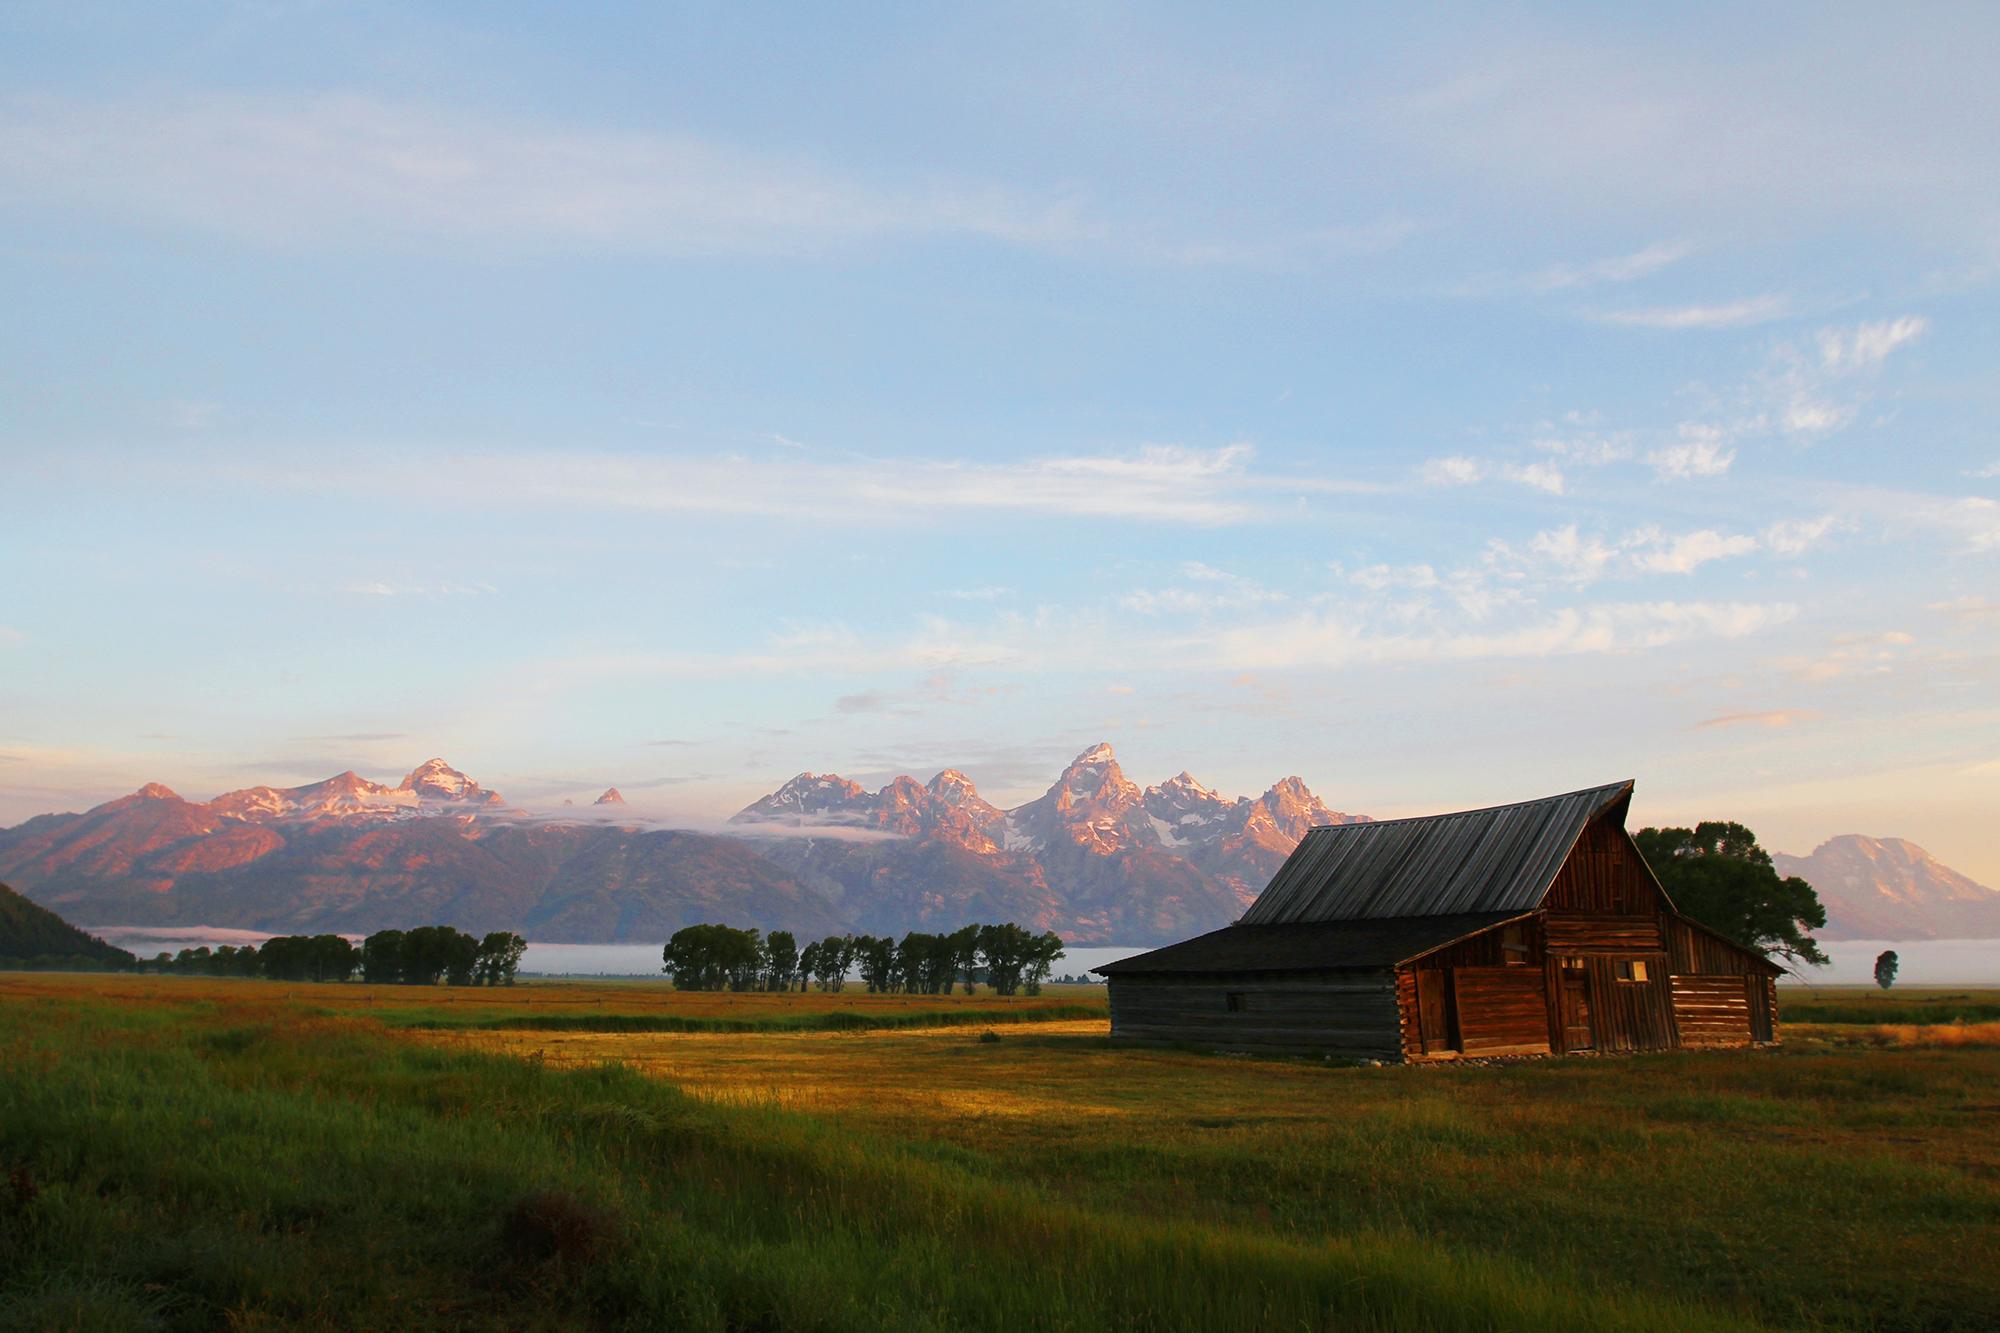 jo-torrijos-states-of-reverie-grand-teton-national-park-mormon-row-sunrise-10.jpg